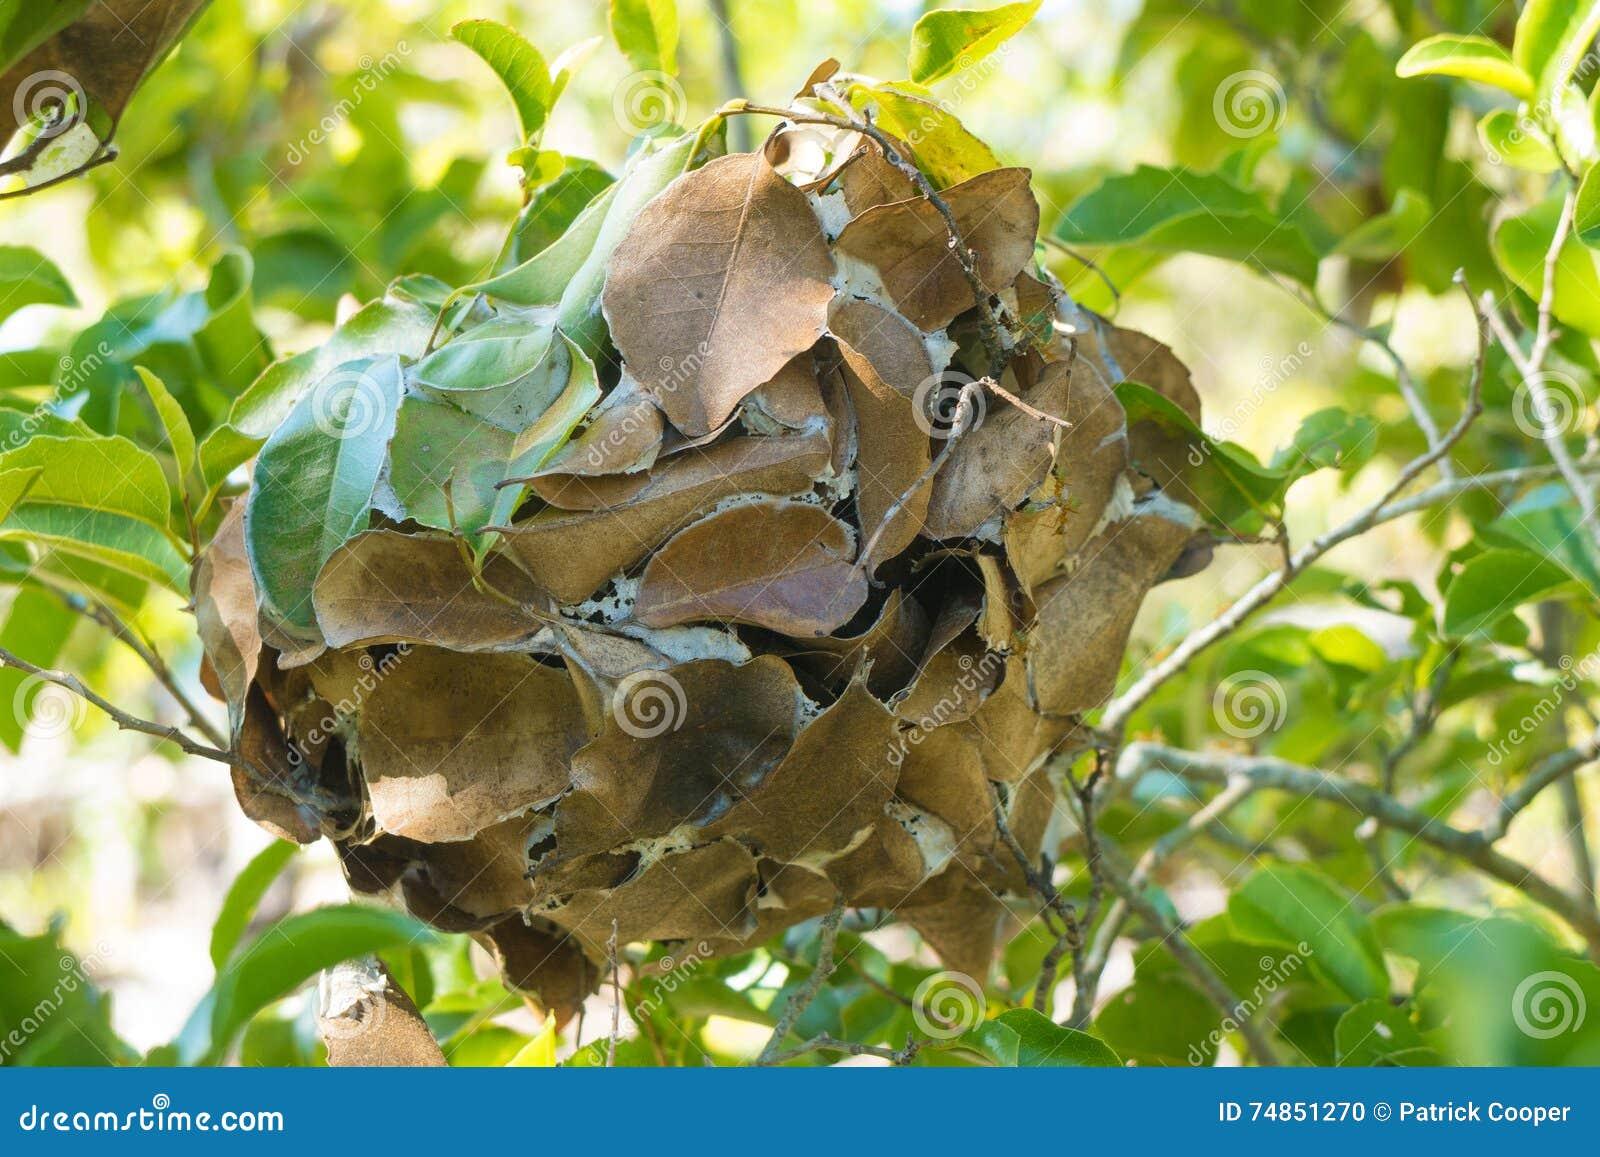 nid de feuille construit par des fourmis de tisserand photo stock image 74851270. Black Bedroom Furniture Sets. Home Design Ideas